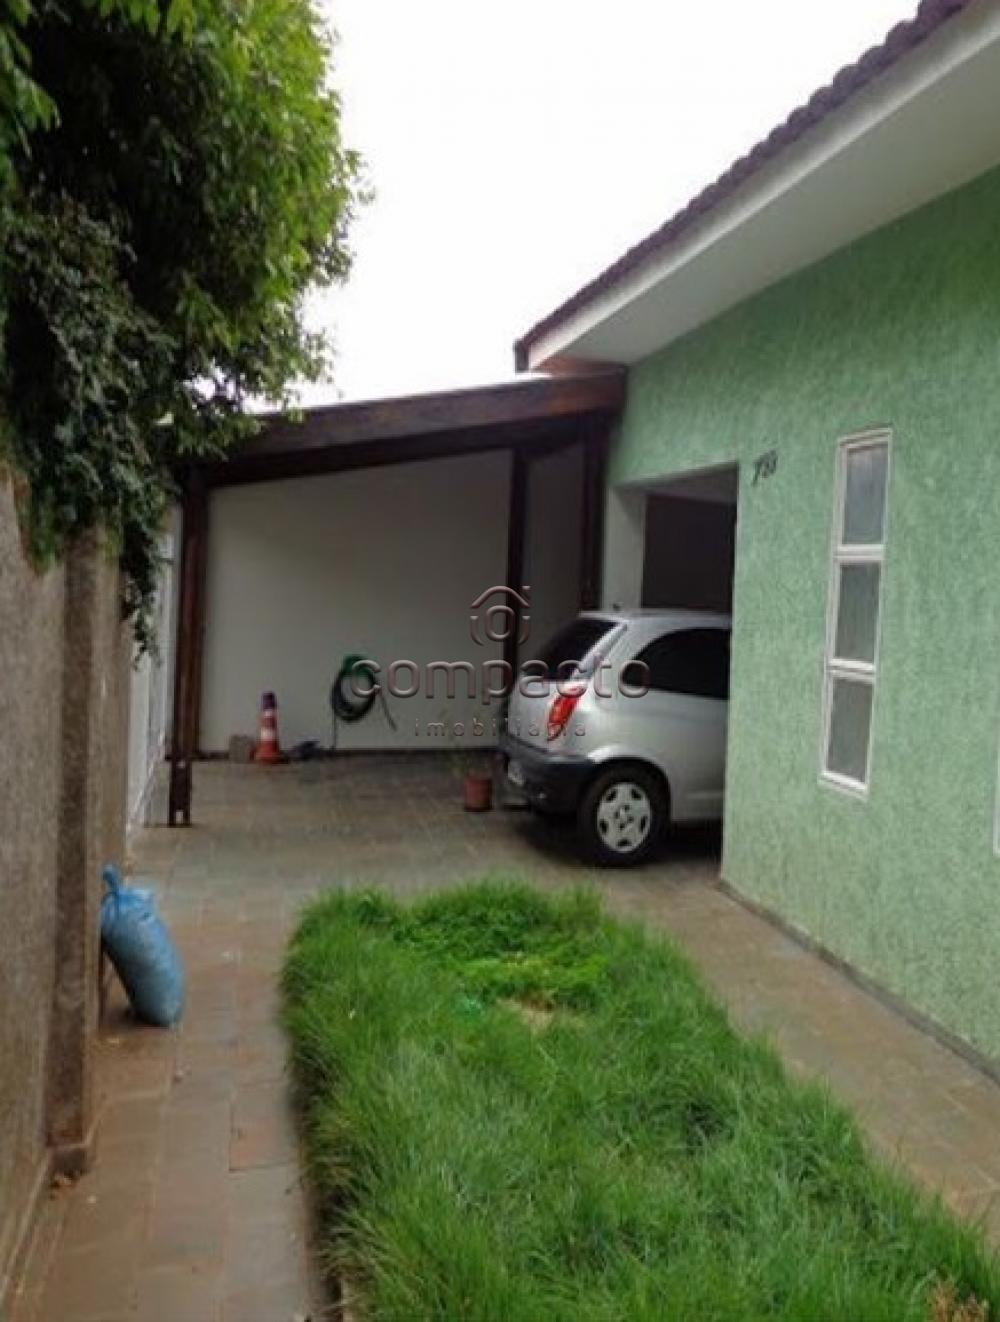 Comprar Casa / Padrão em São José do Rio Preto apenas R$ 460.000,00 - Foto 2